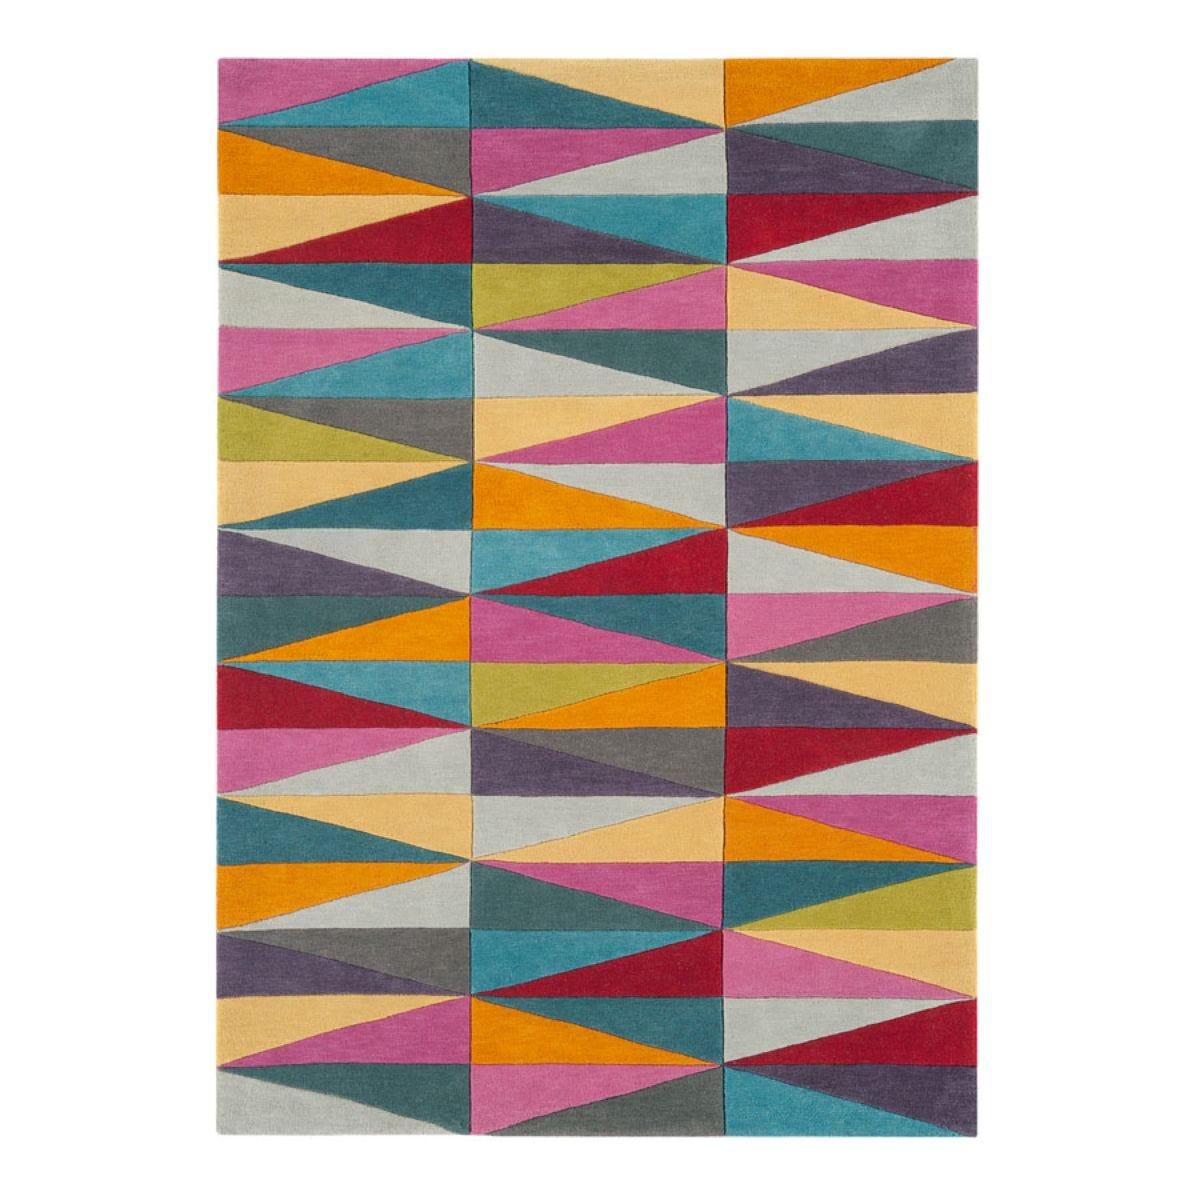 Asiatic Funk Rug, 120 x 170cm - Triangles